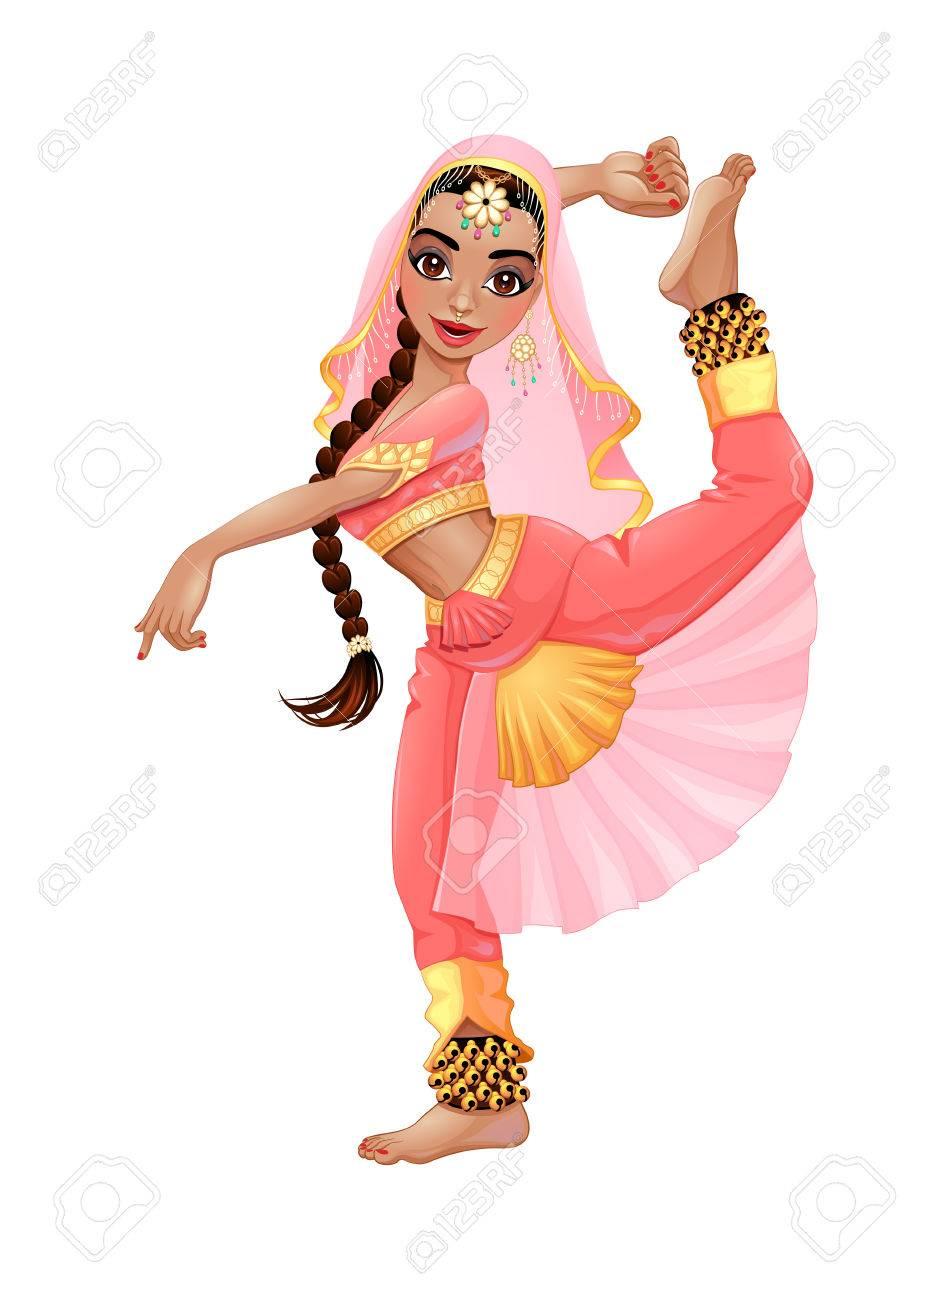 Indian dancer. - 46880246